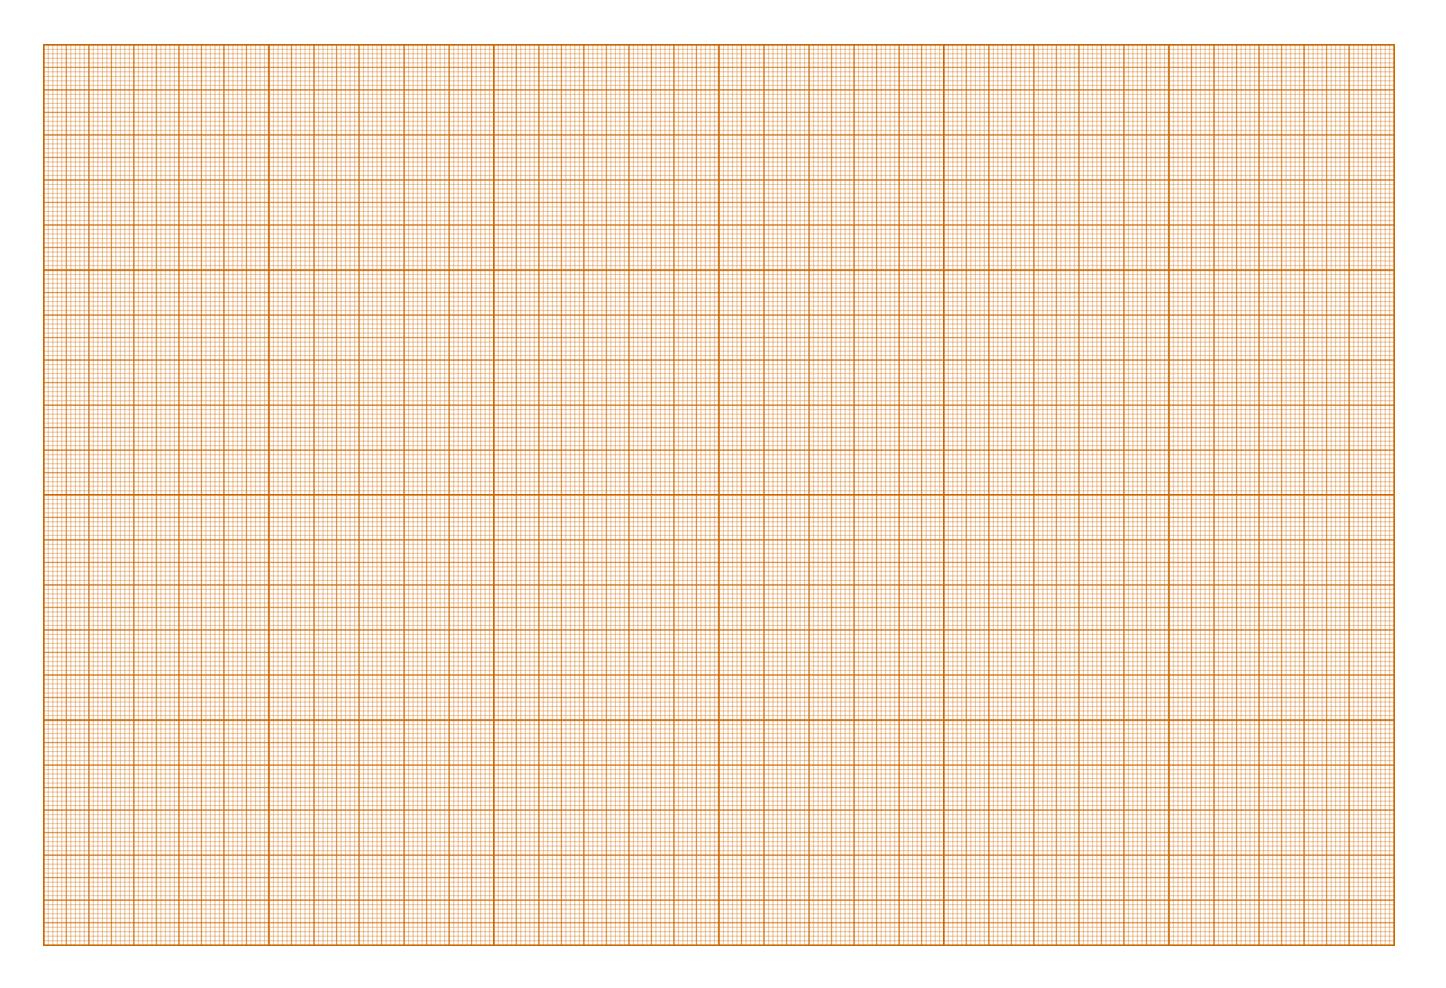 الرسم البياني على الورق الميليمتري وتجربة السقوط الحر مجموعة